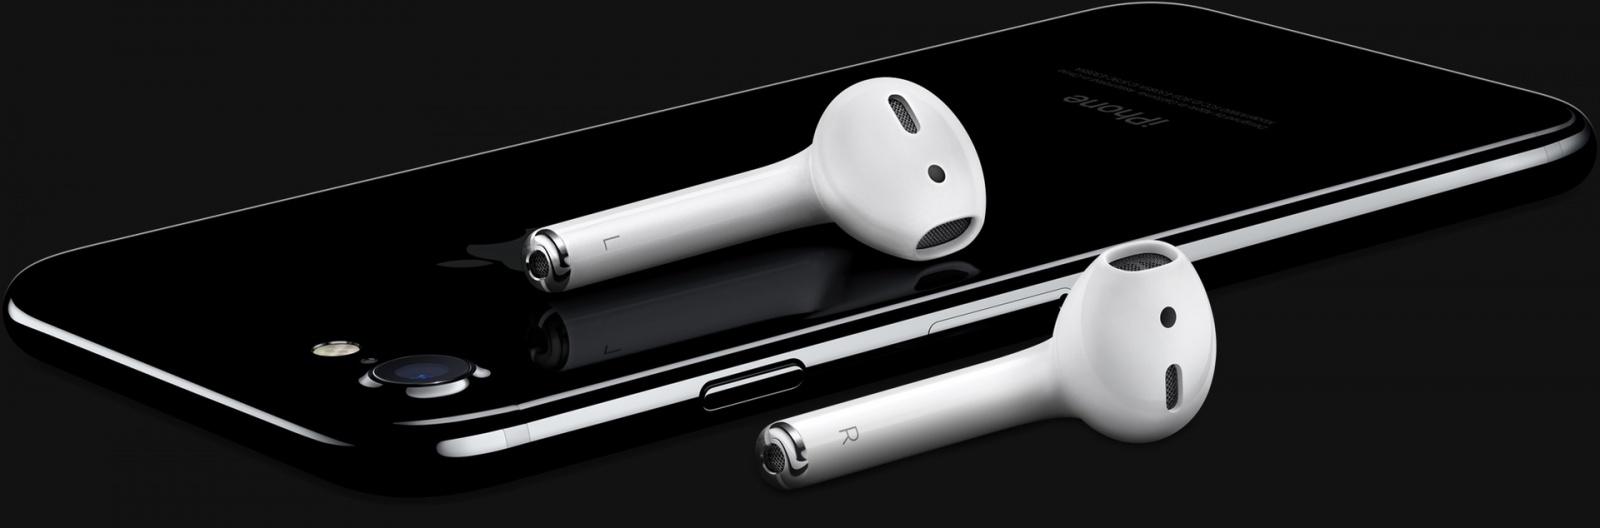 Как купить iPhone в США и сэкономить больше $200 - 4